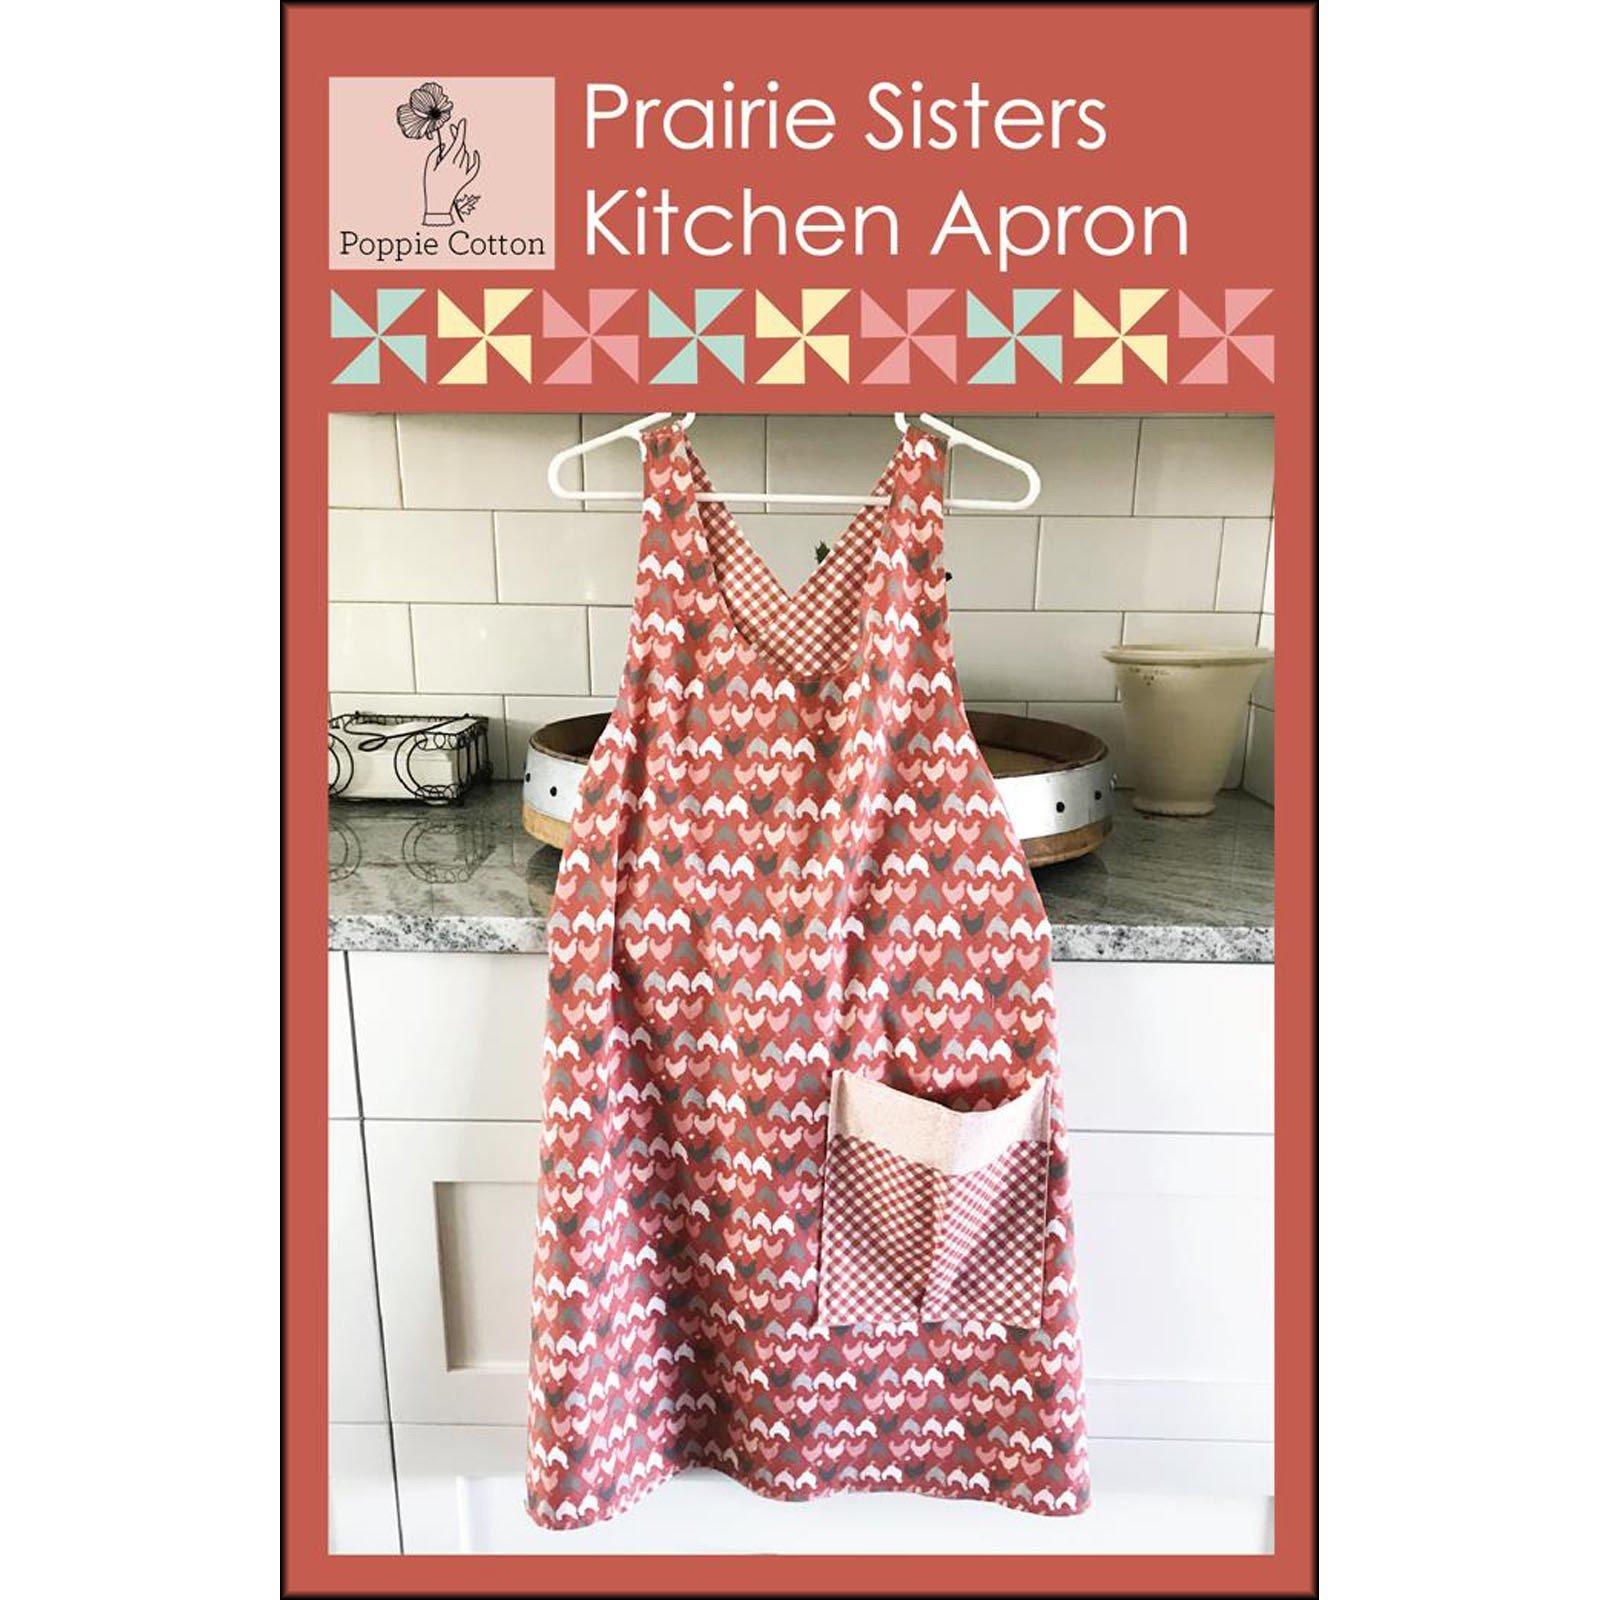 Prairie Sisters Kitchen Apron<br/>Poppie Cotton